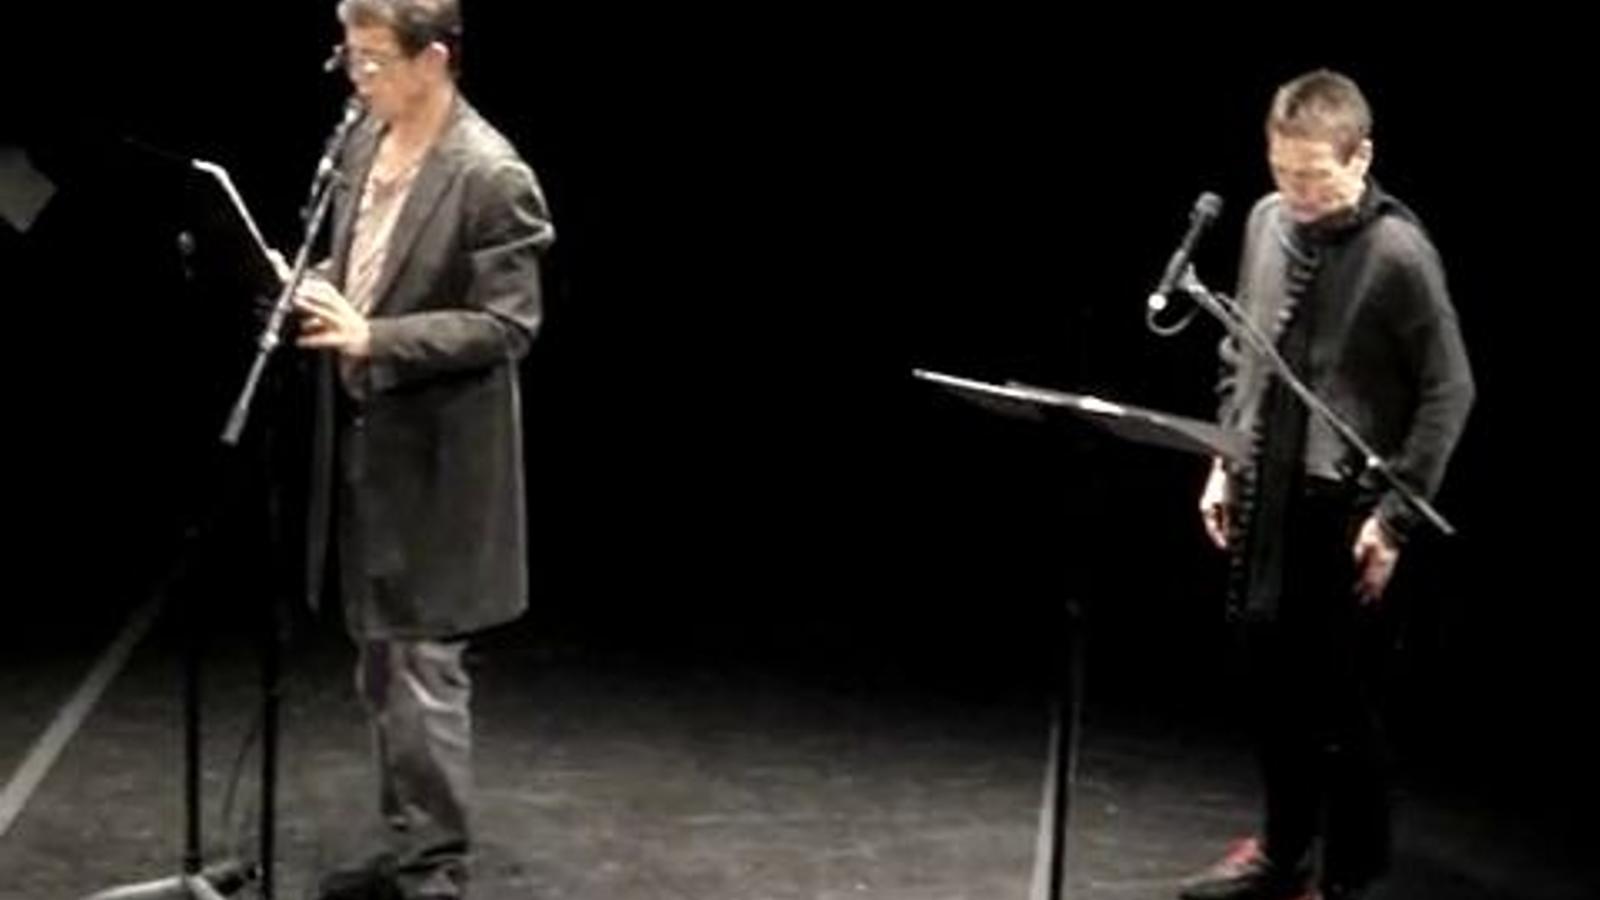 Lou Reed llegeix el poema 'Primer Amor' de Joan Margarit i Laurie Anderson 'Joventut procaç', de Francesc Parcerisas, en anglès